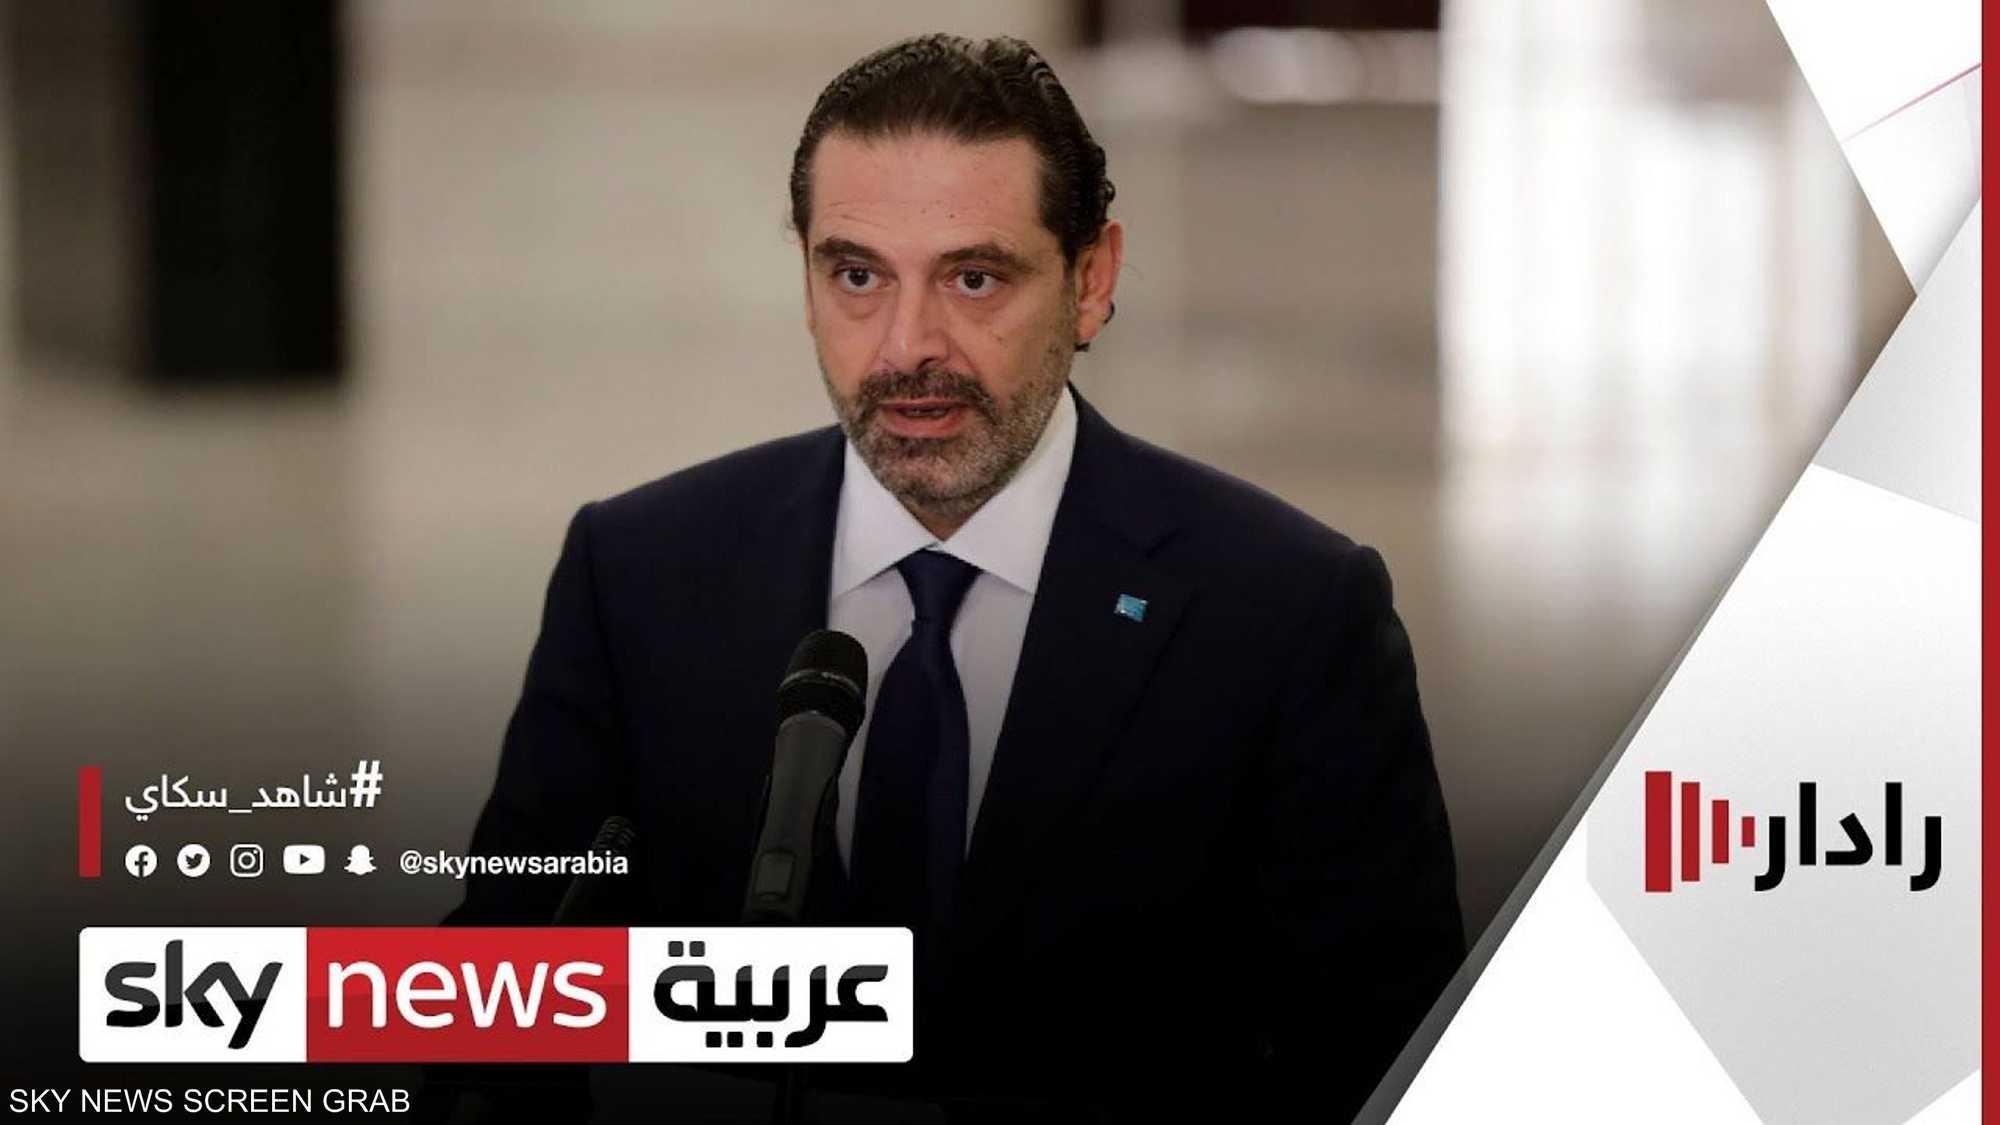 هل ينجح الحريري بتعهداته في تشكيل الحكومة الجديدة؟